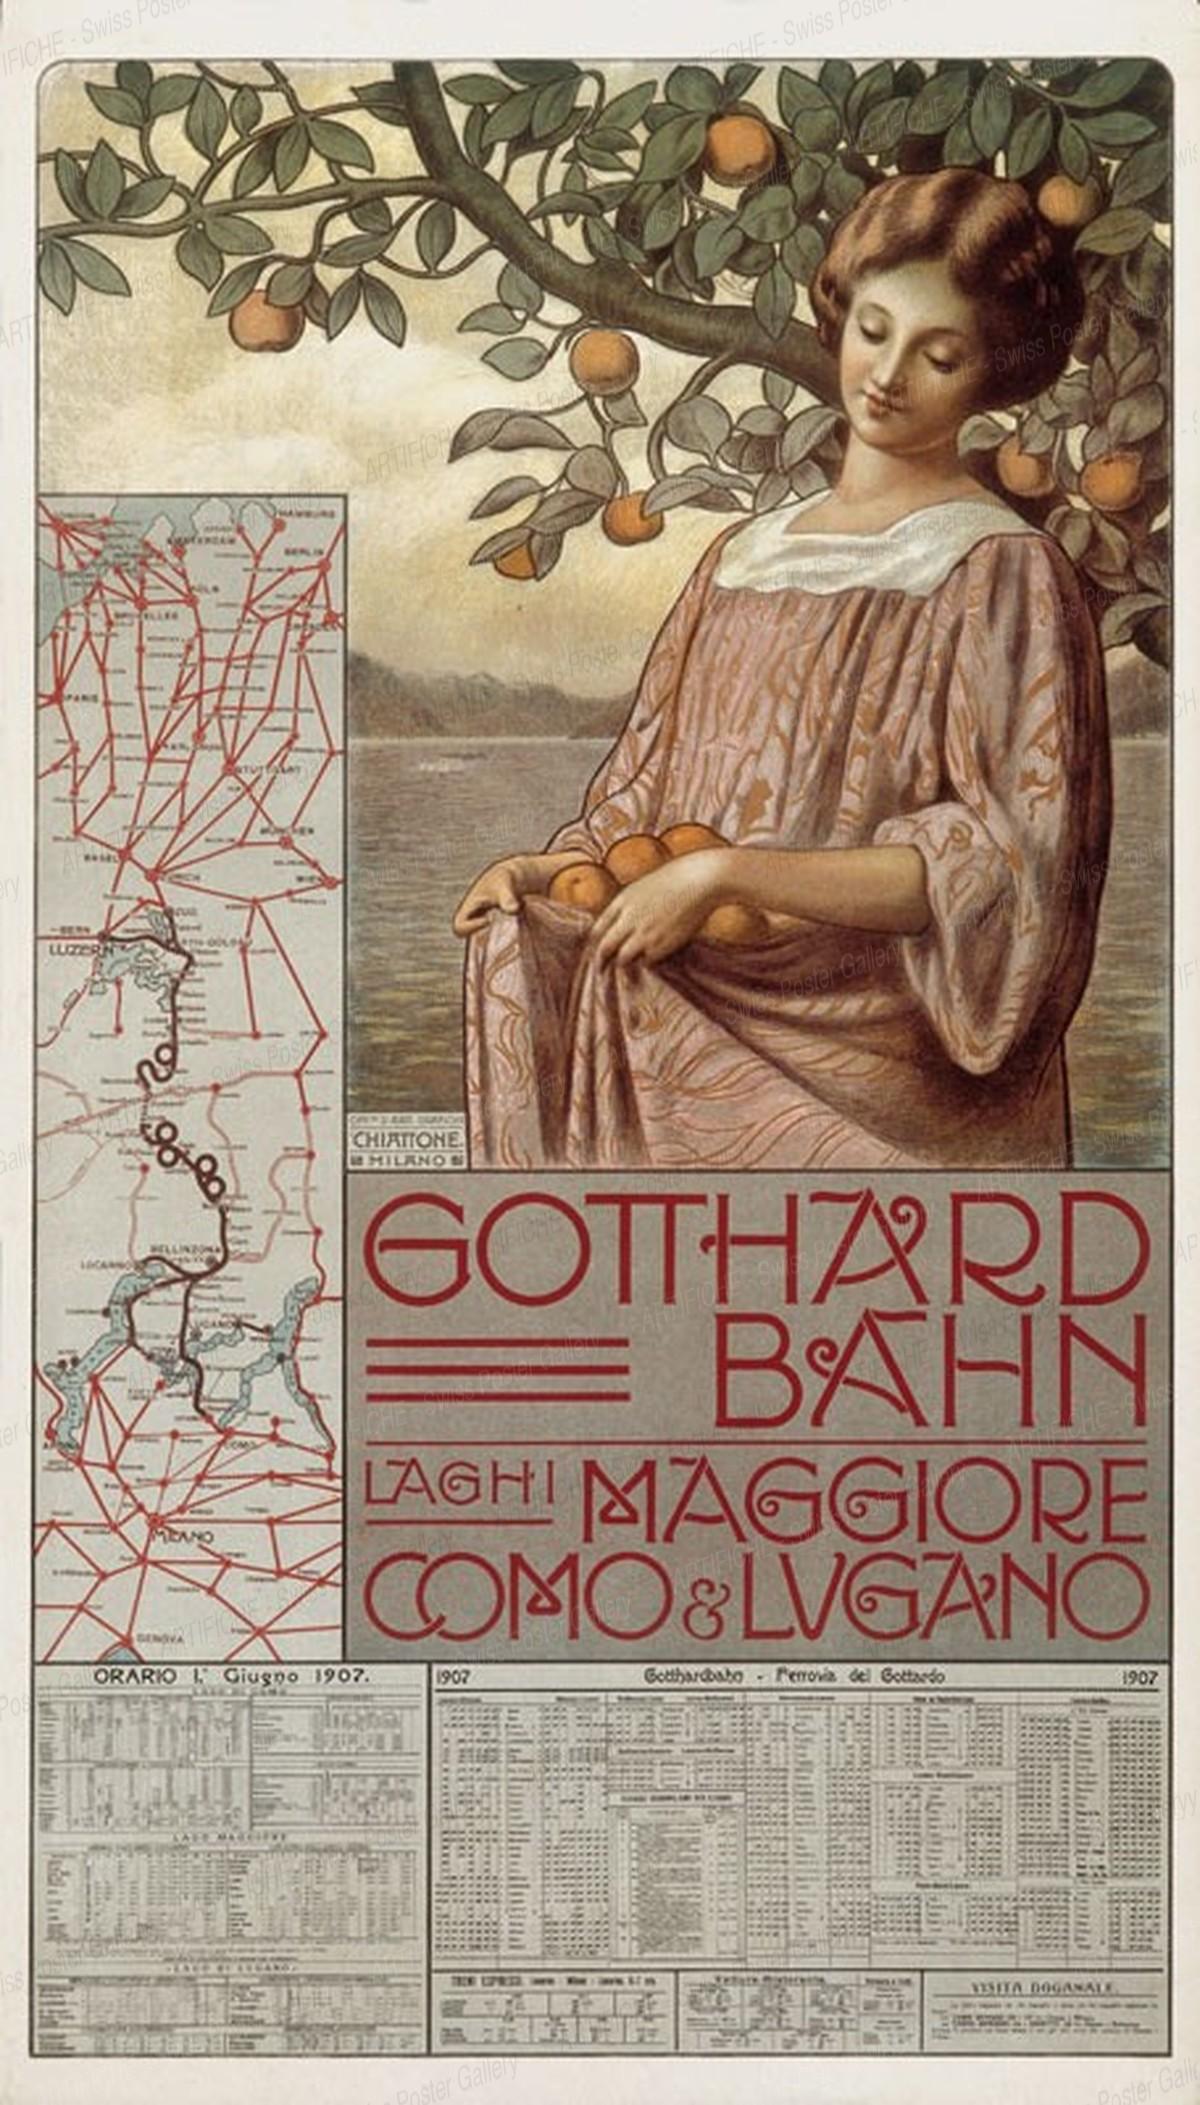 Gotthard Bahn – Laghi Maggiore, Como & Lugano, Artist unknown